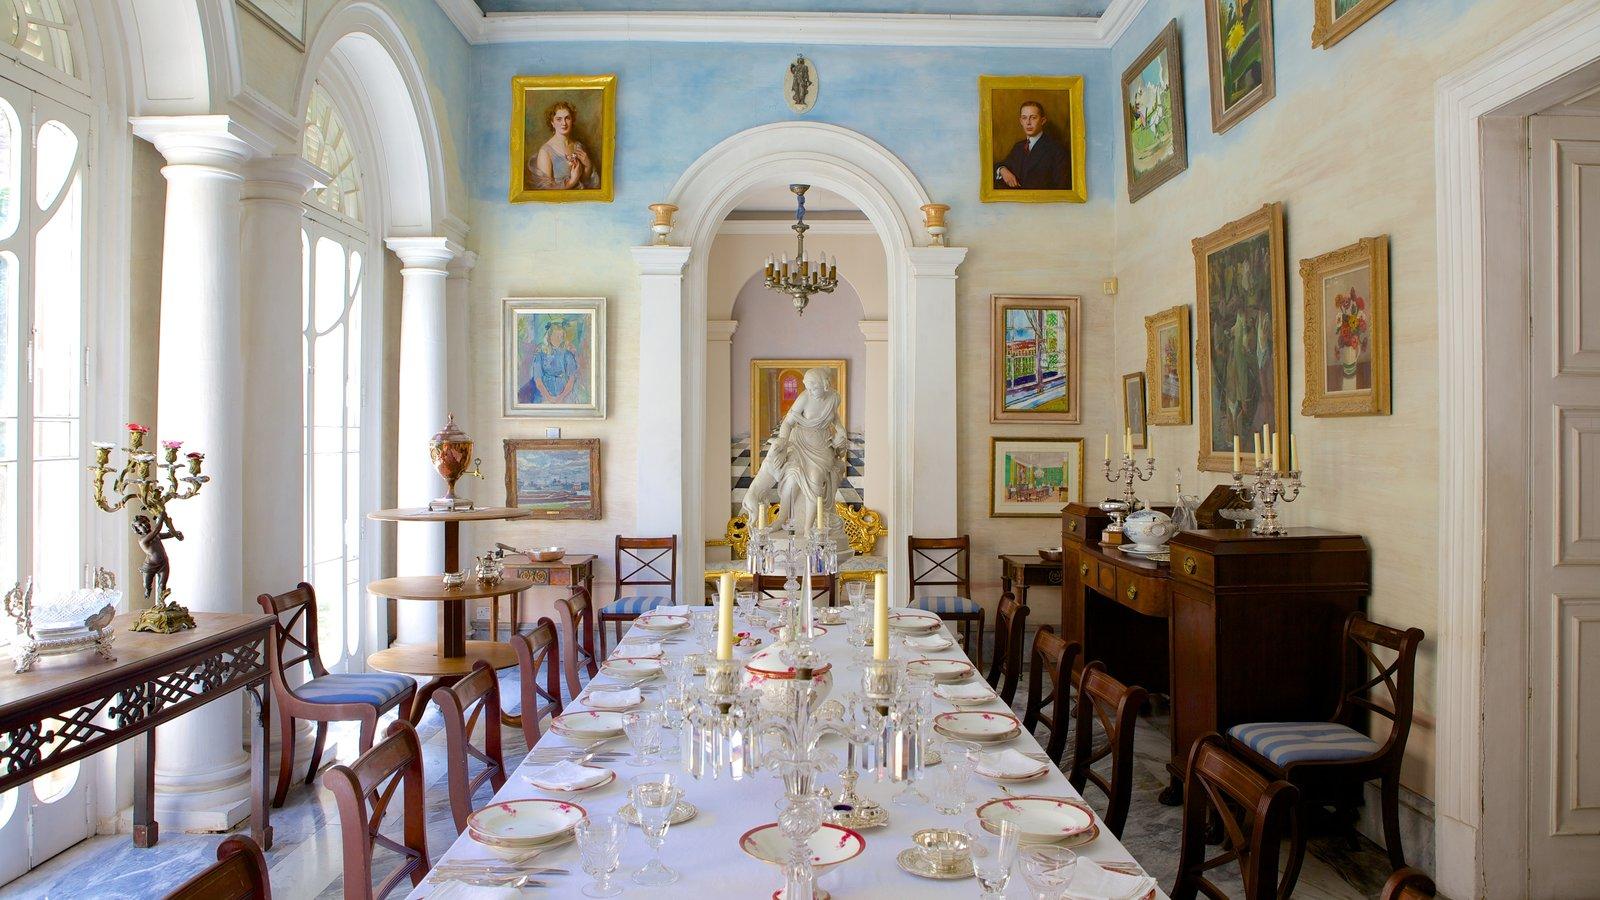 Casa Rocca Piccola mostrando vistas internas e elementos de patrimônio